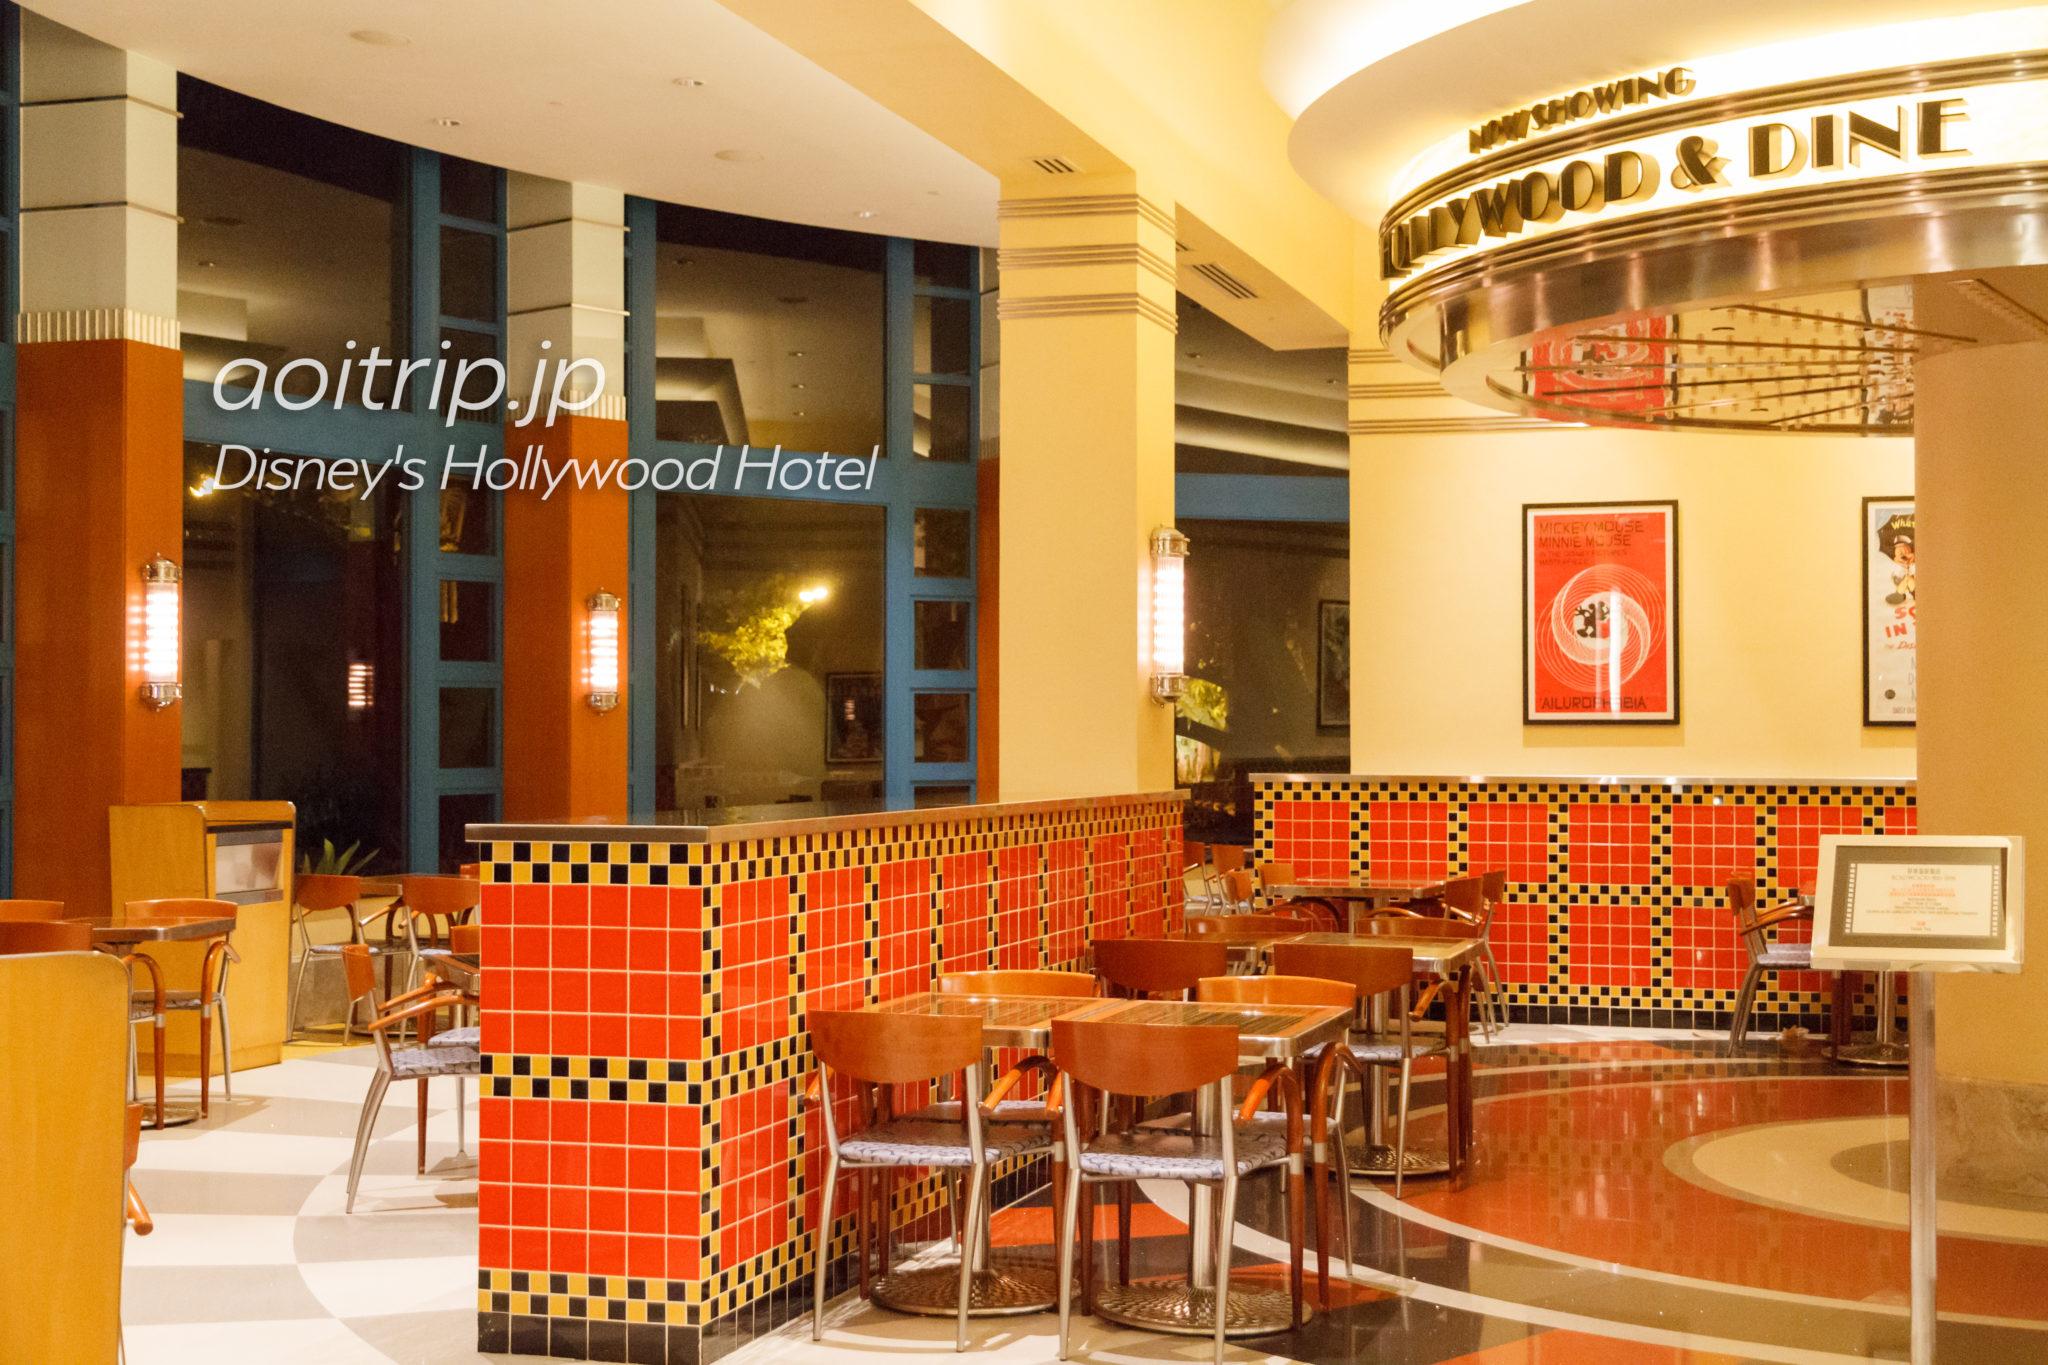 ディズニーハリウッドホテルのレストランHOLLYWOOD&DINE